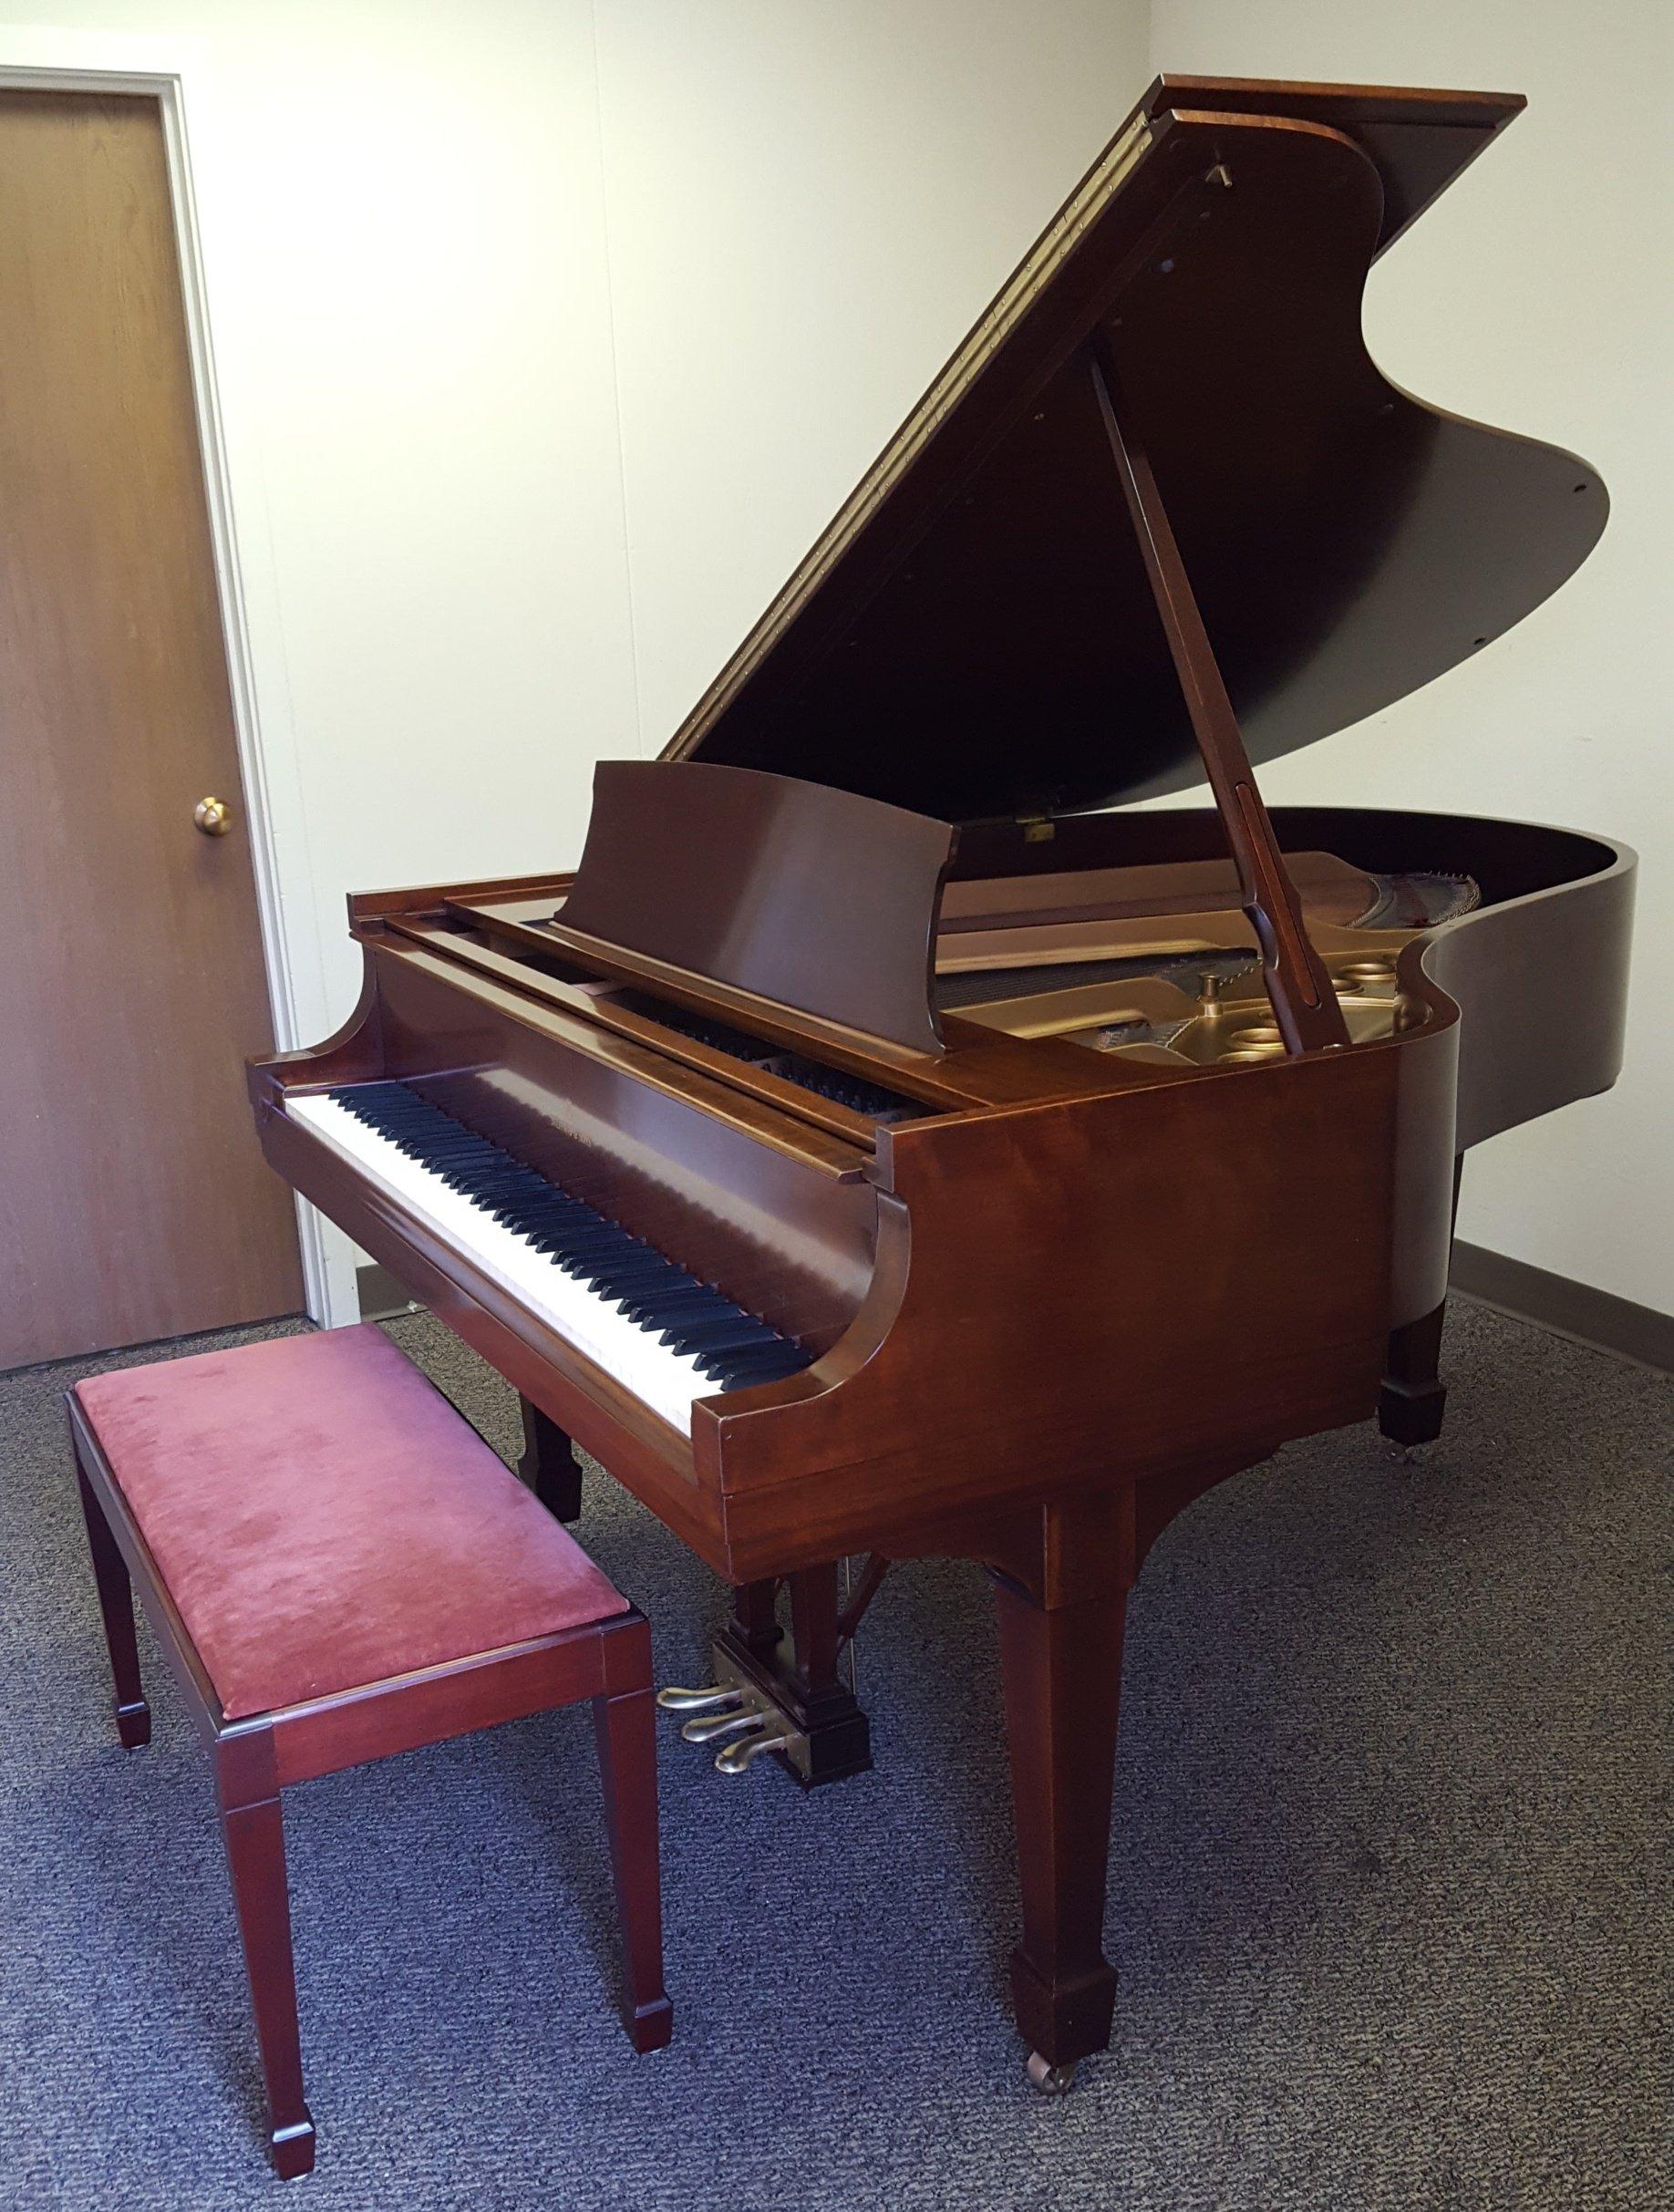 Grand Piano in San Francisco, CA - World Class Pianos